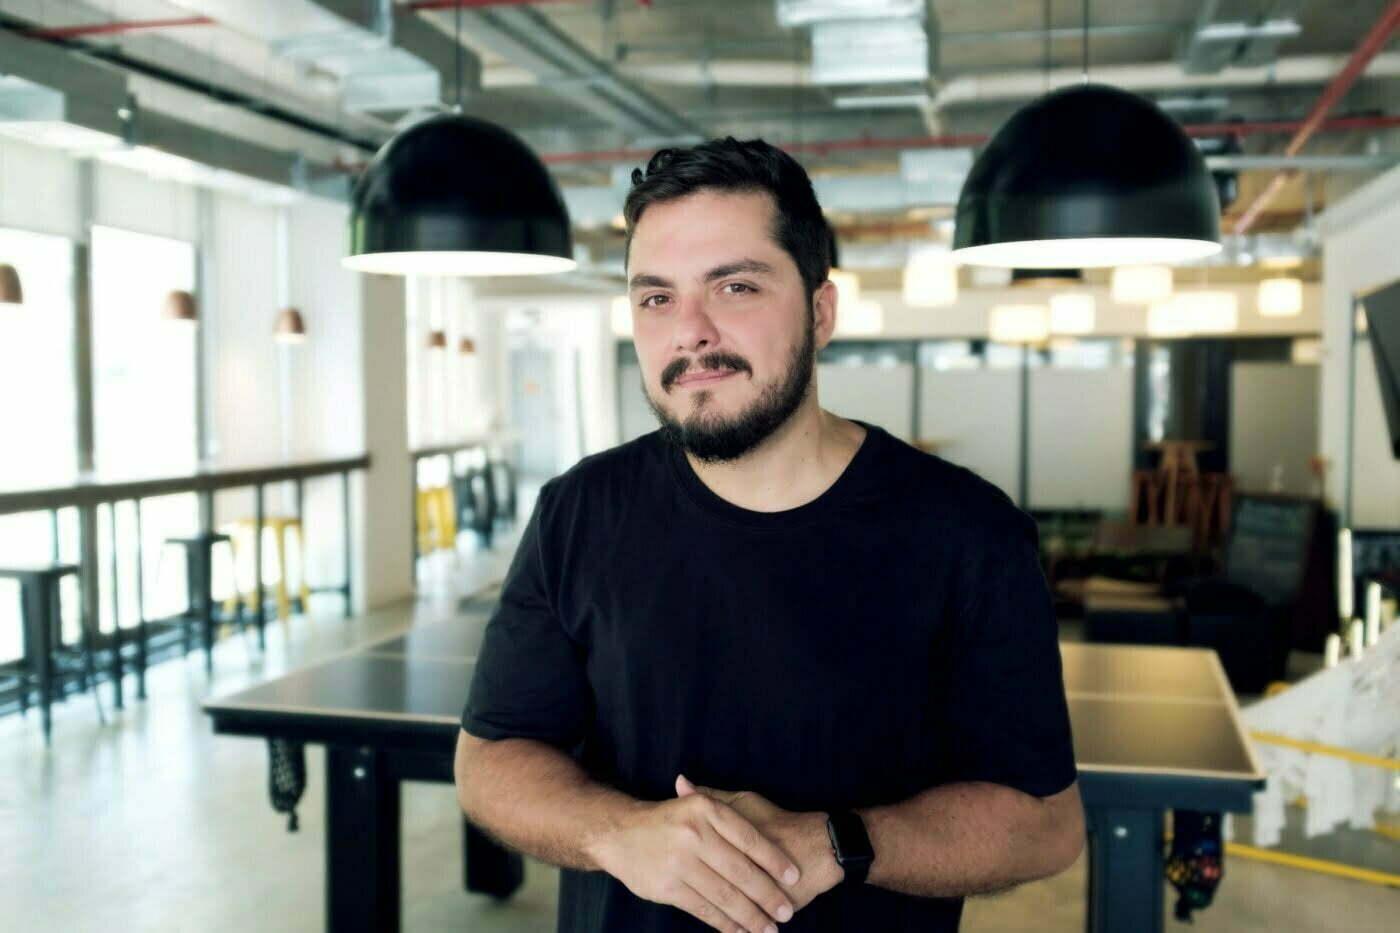 Em seu novo livro Truthtelling, o publicitário Raul Santahelena defende que uma marca só conseguirá se conectar com seu público se desenvolver uma mensagem relevante, franca e autêntica.